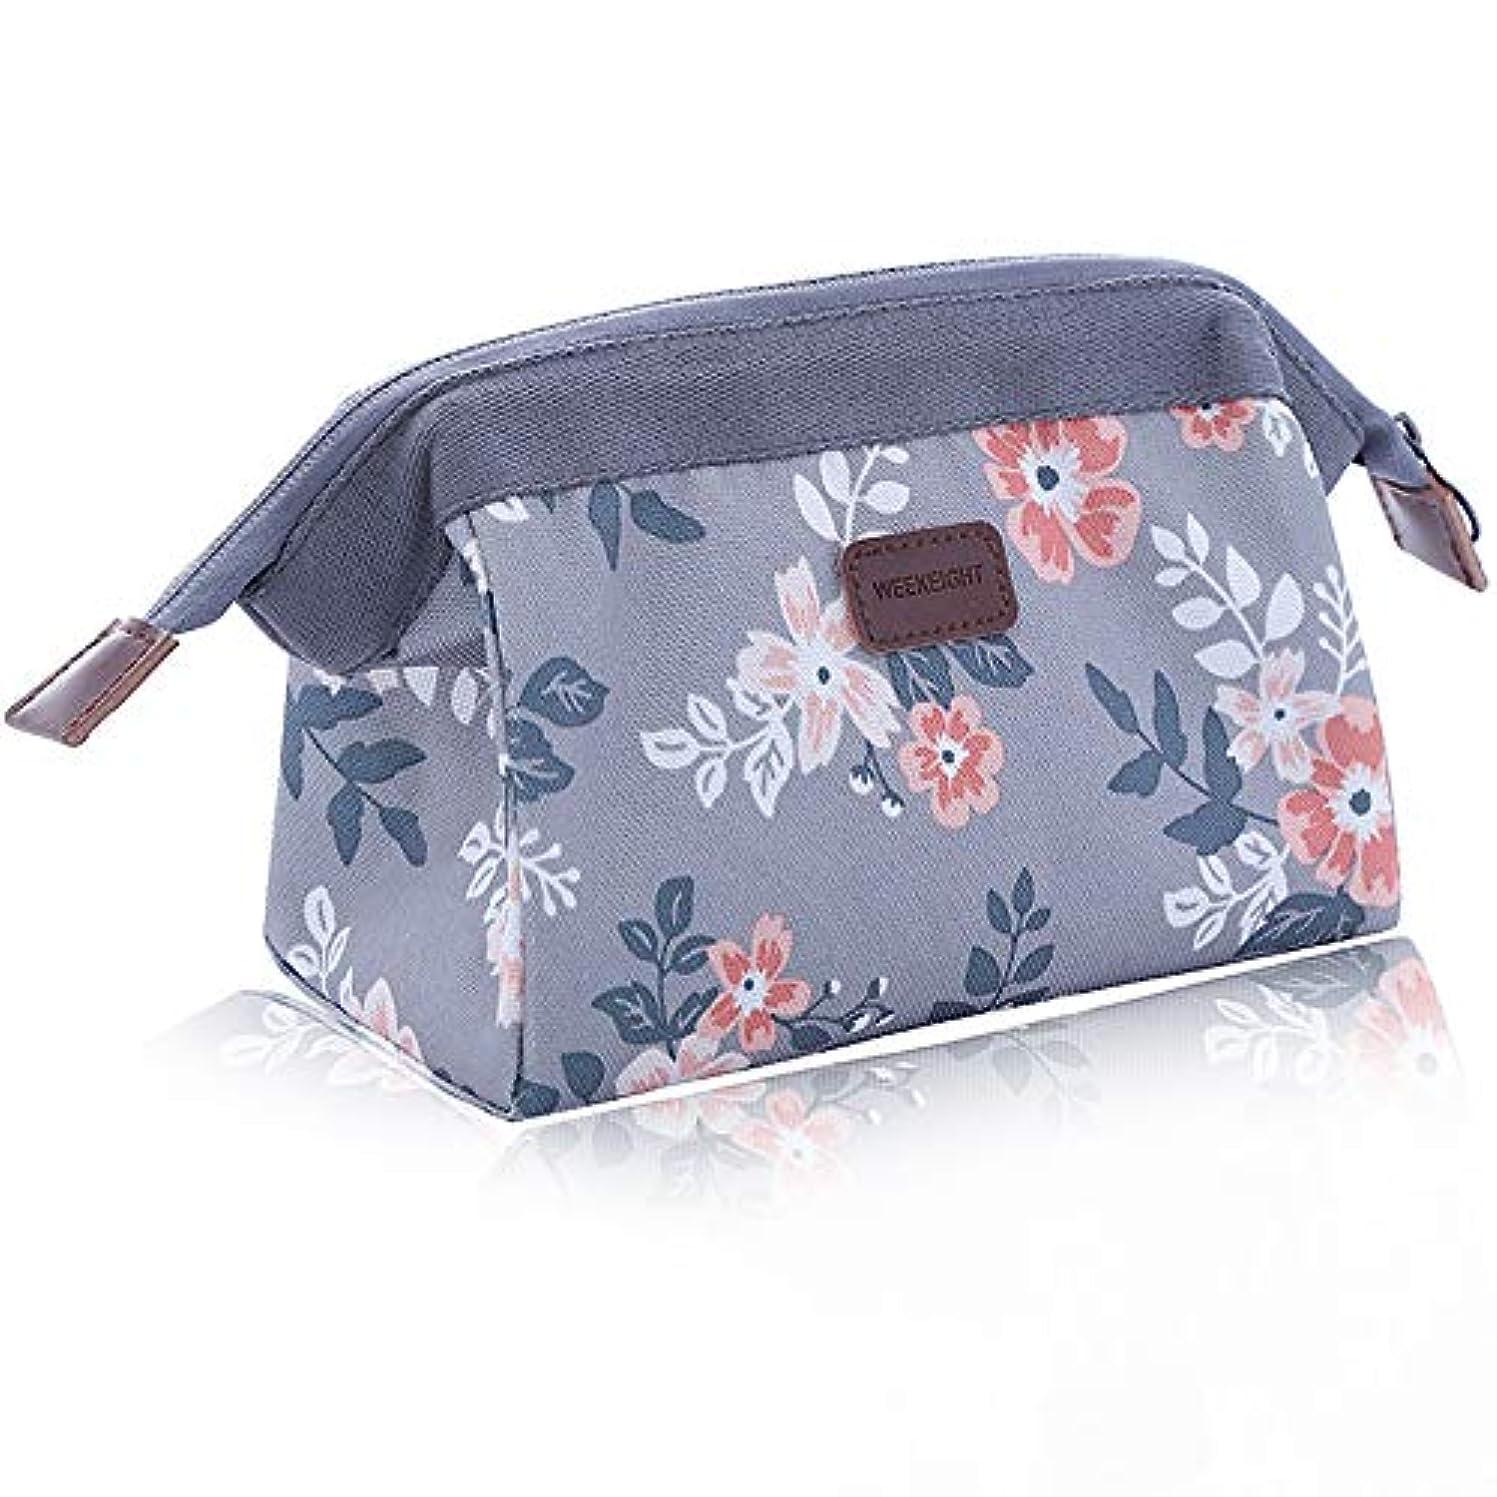 手荷物発表返済化粧ポーチ コスメバッグ  コスメポーチ メイクポーチ 機能的 大容量 化粧品収納 小物入れ 普段使い 出張 旅行 メイクバッグ 化粧バッグ(グレー)